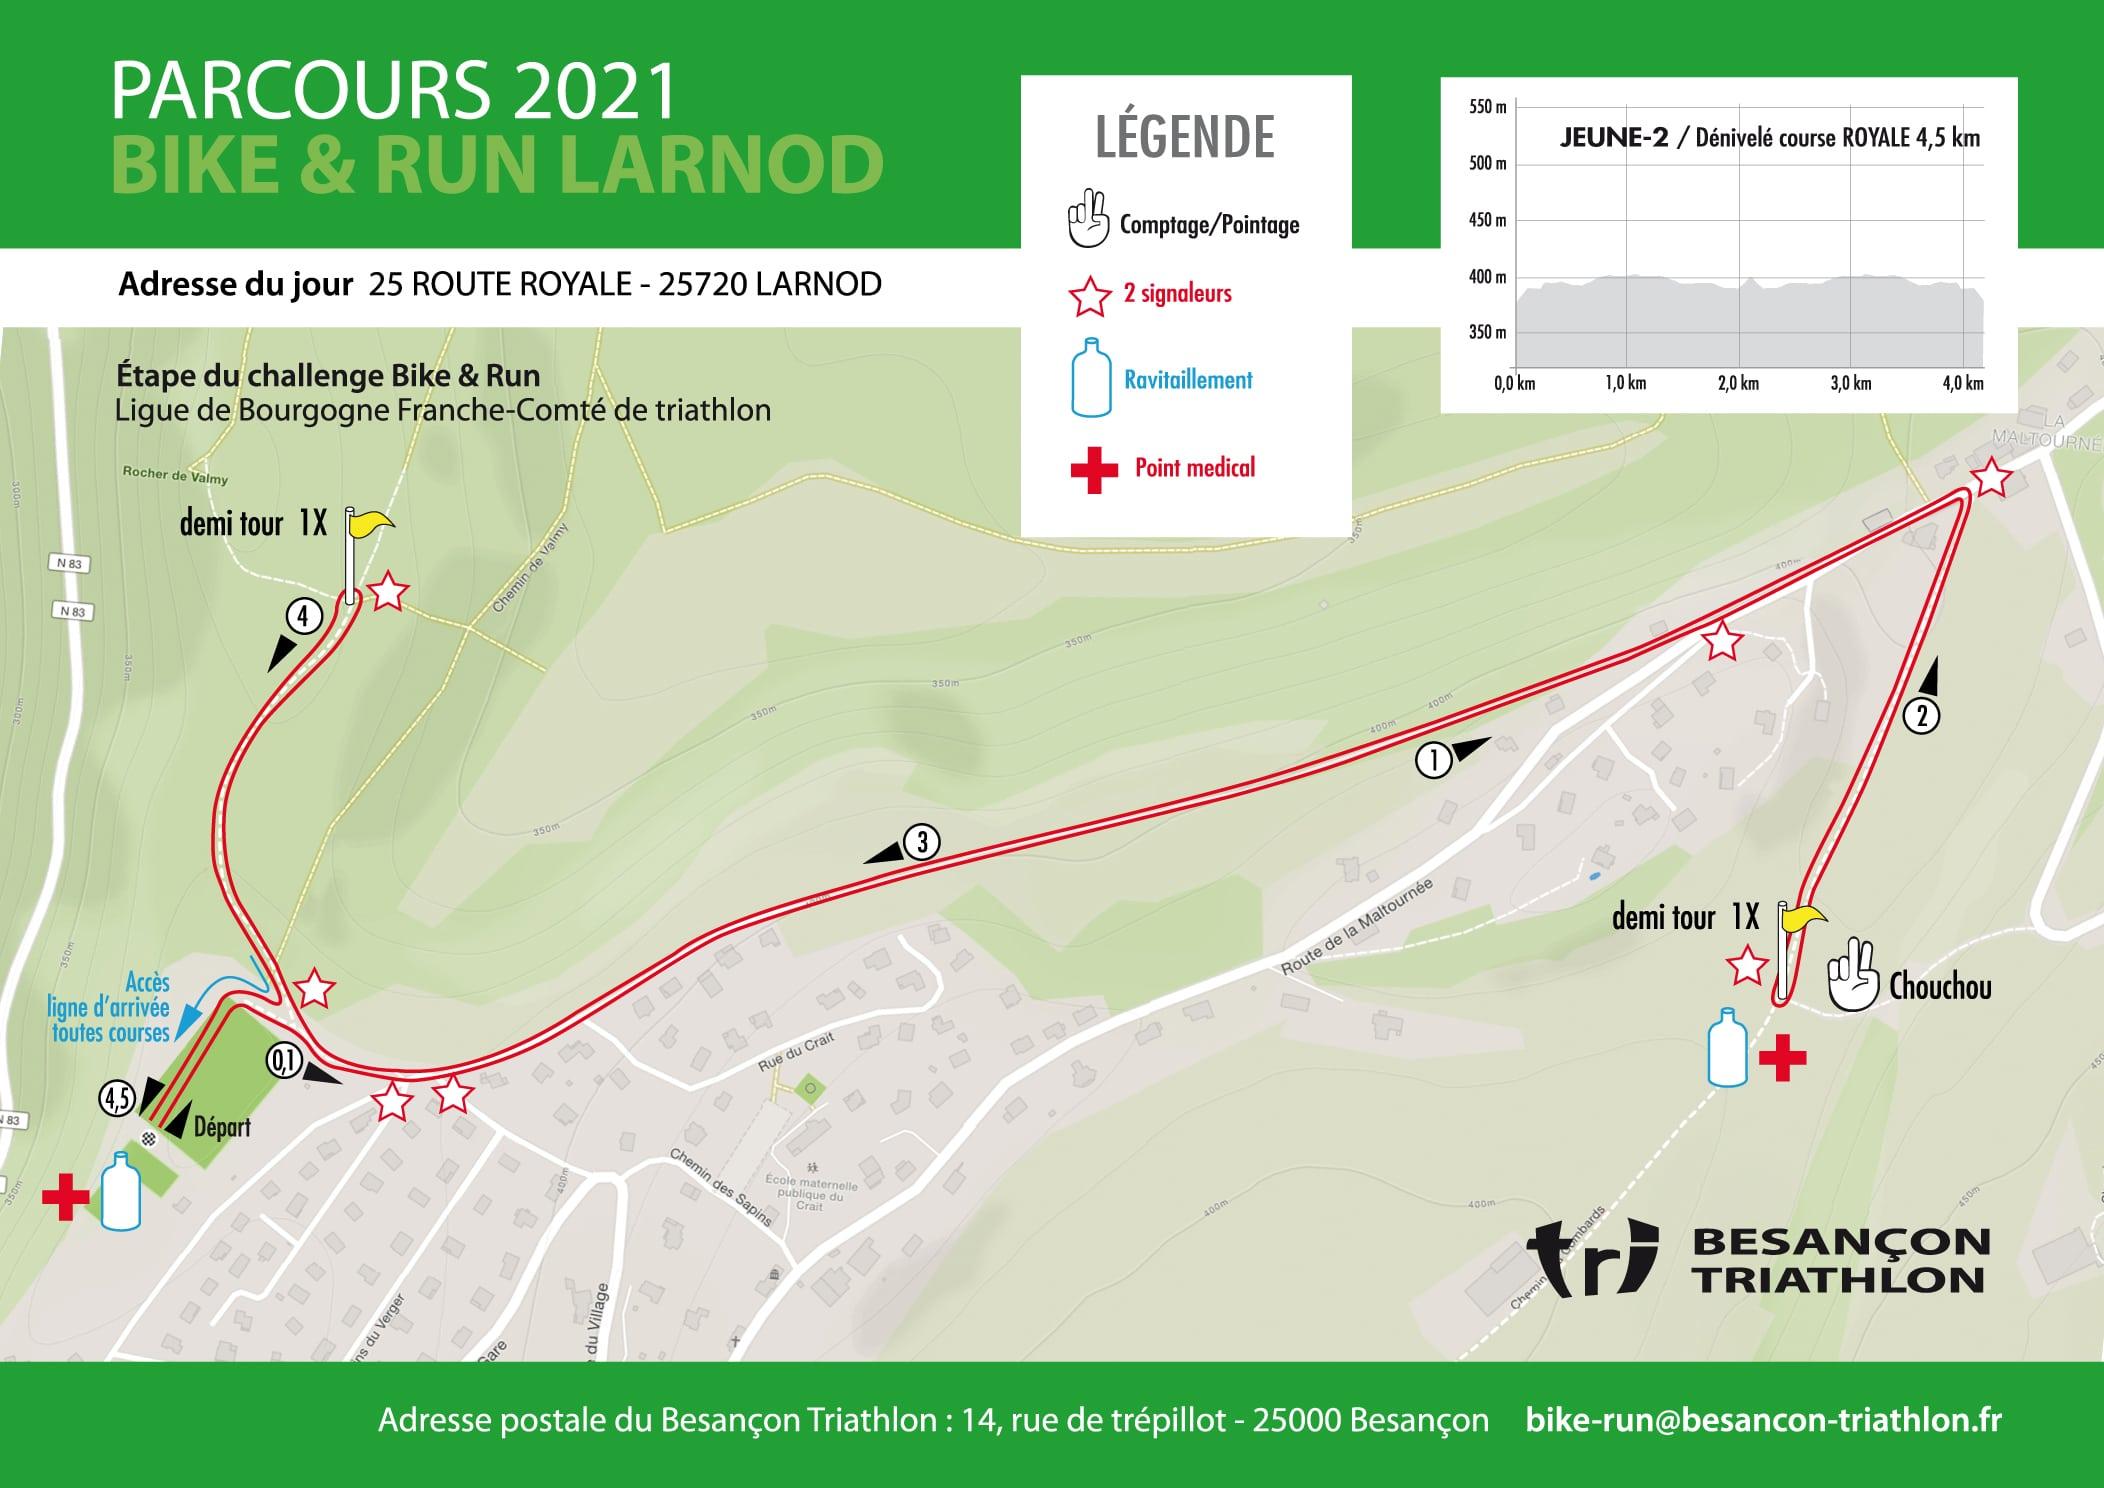 Parcours Jeunes 2 Course Royale Bike Run Larnod